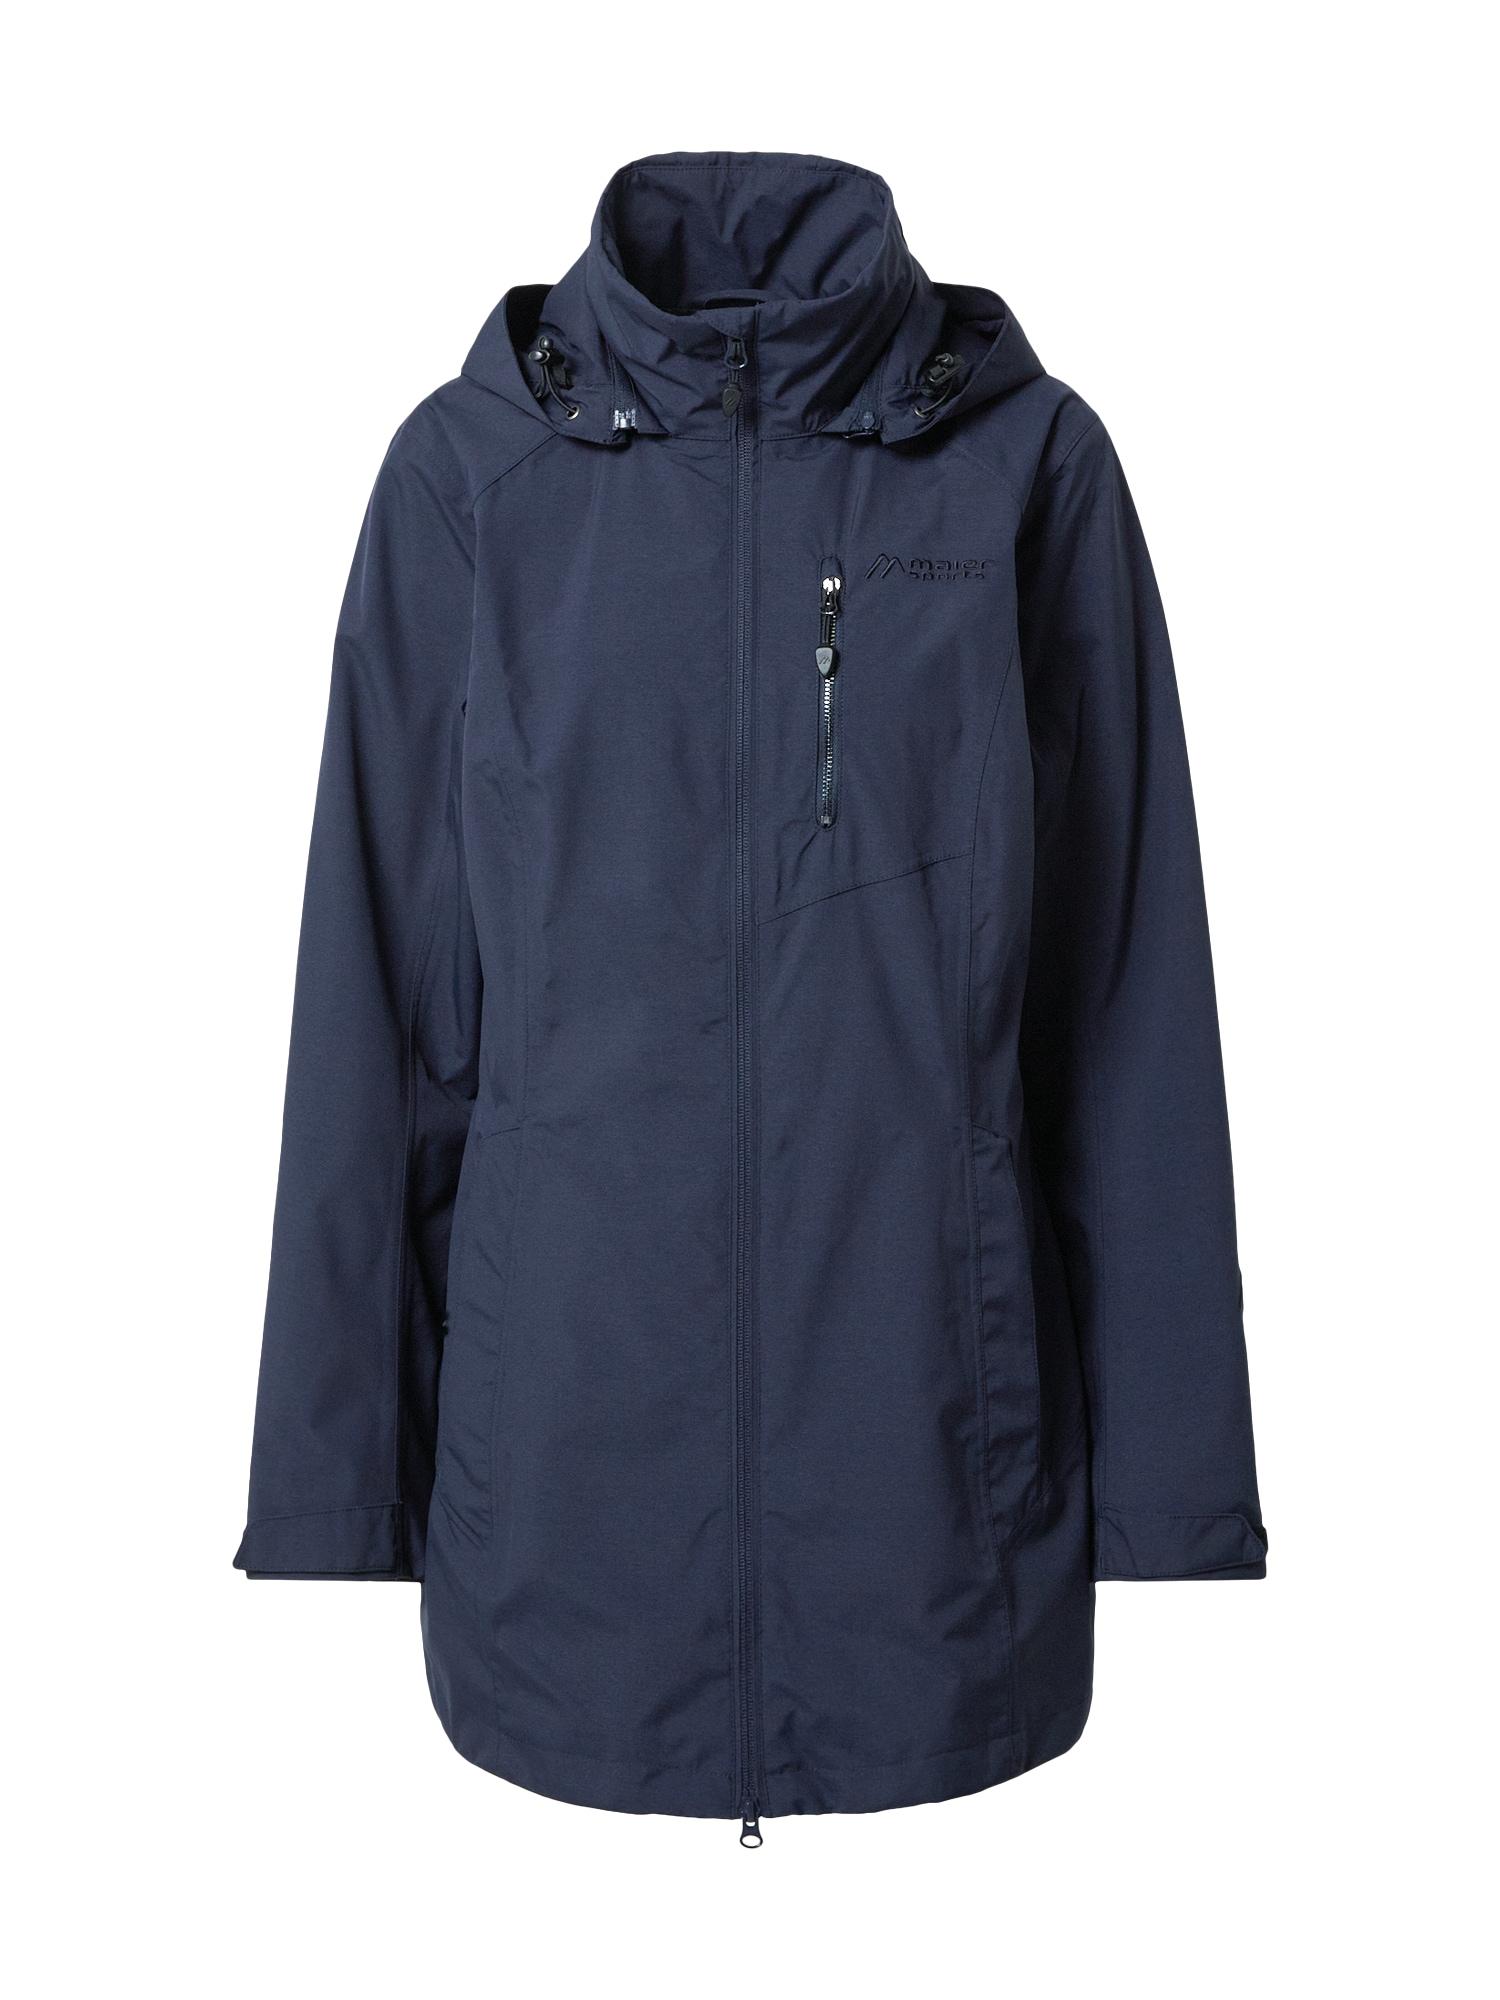 Maier Sports Laisvalaikio paltas mėlyna